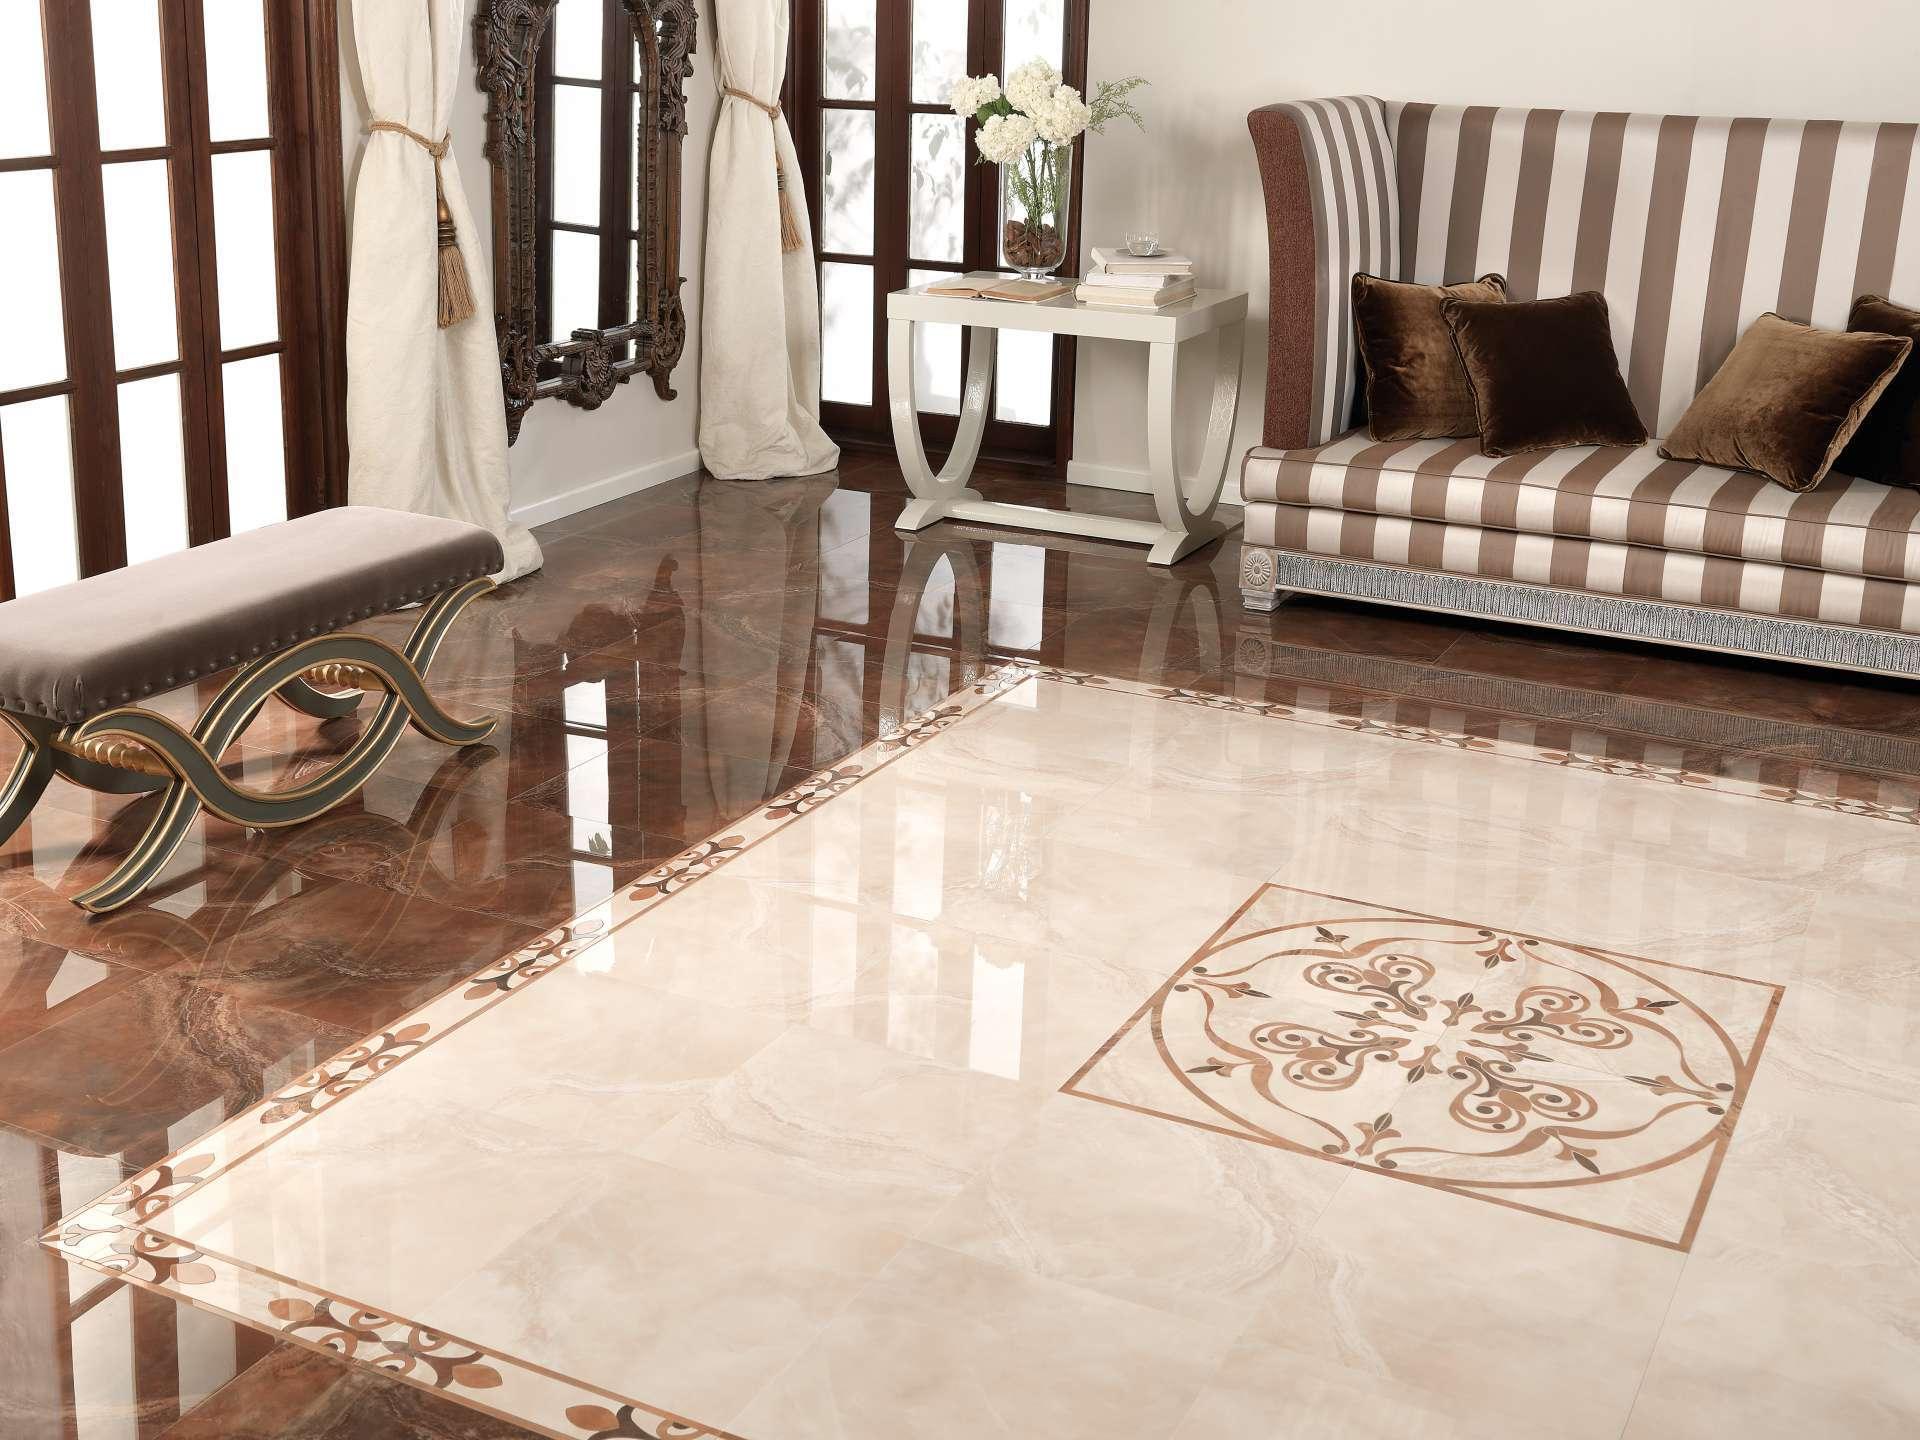 Piastrelle Moderne Per Interni piastrelle lucide per pavimenti (28 foto): pavimento nero e